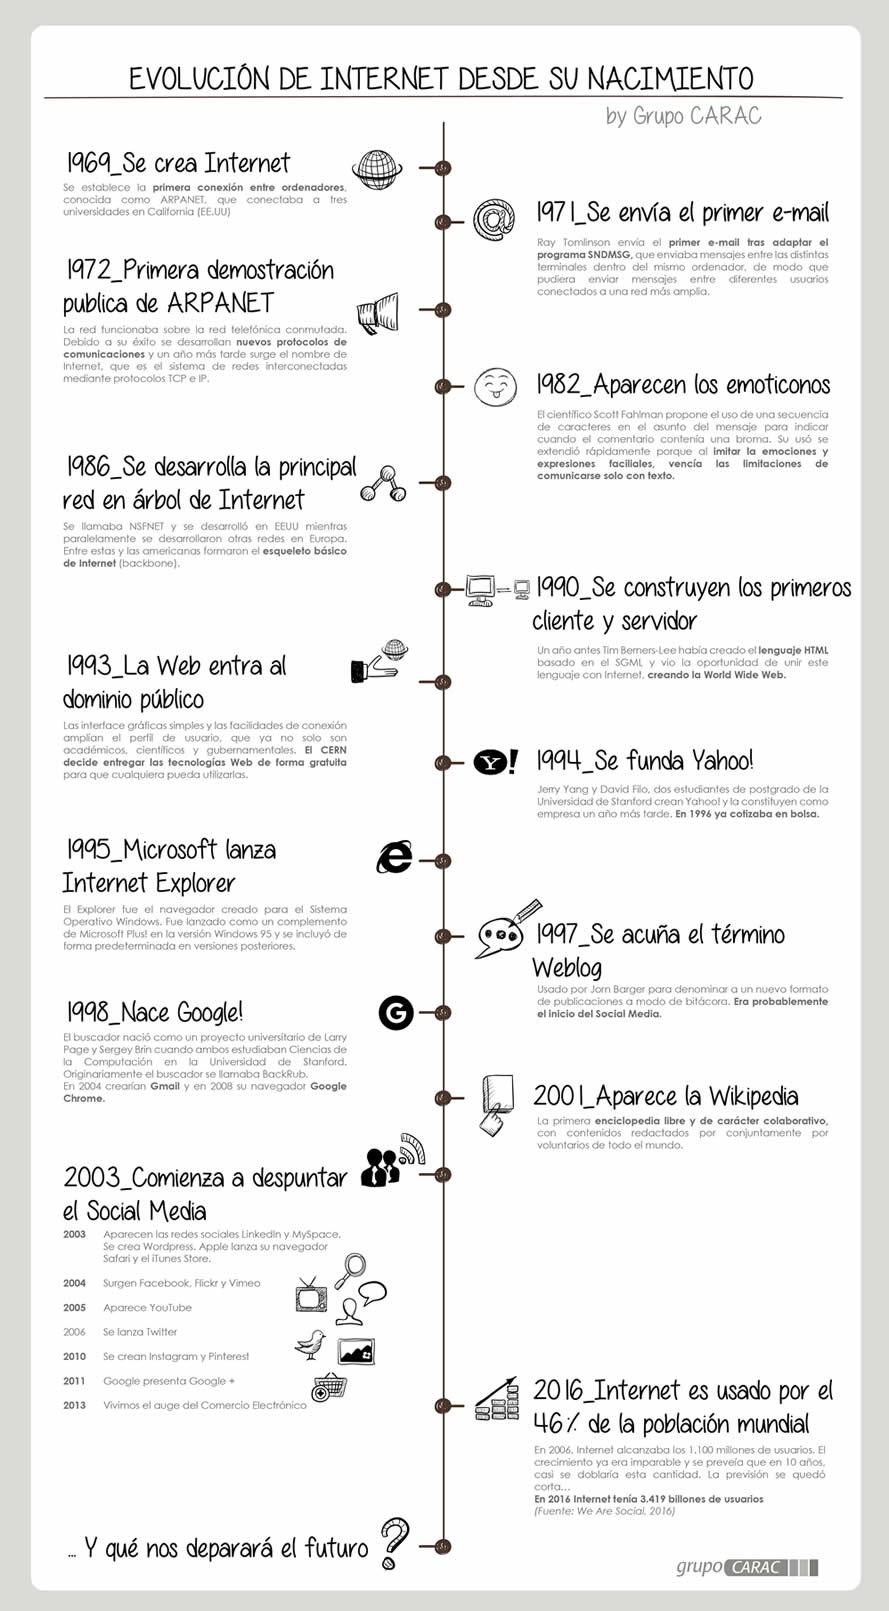 Cronología de la evolución de Internet desde su nacimiento.